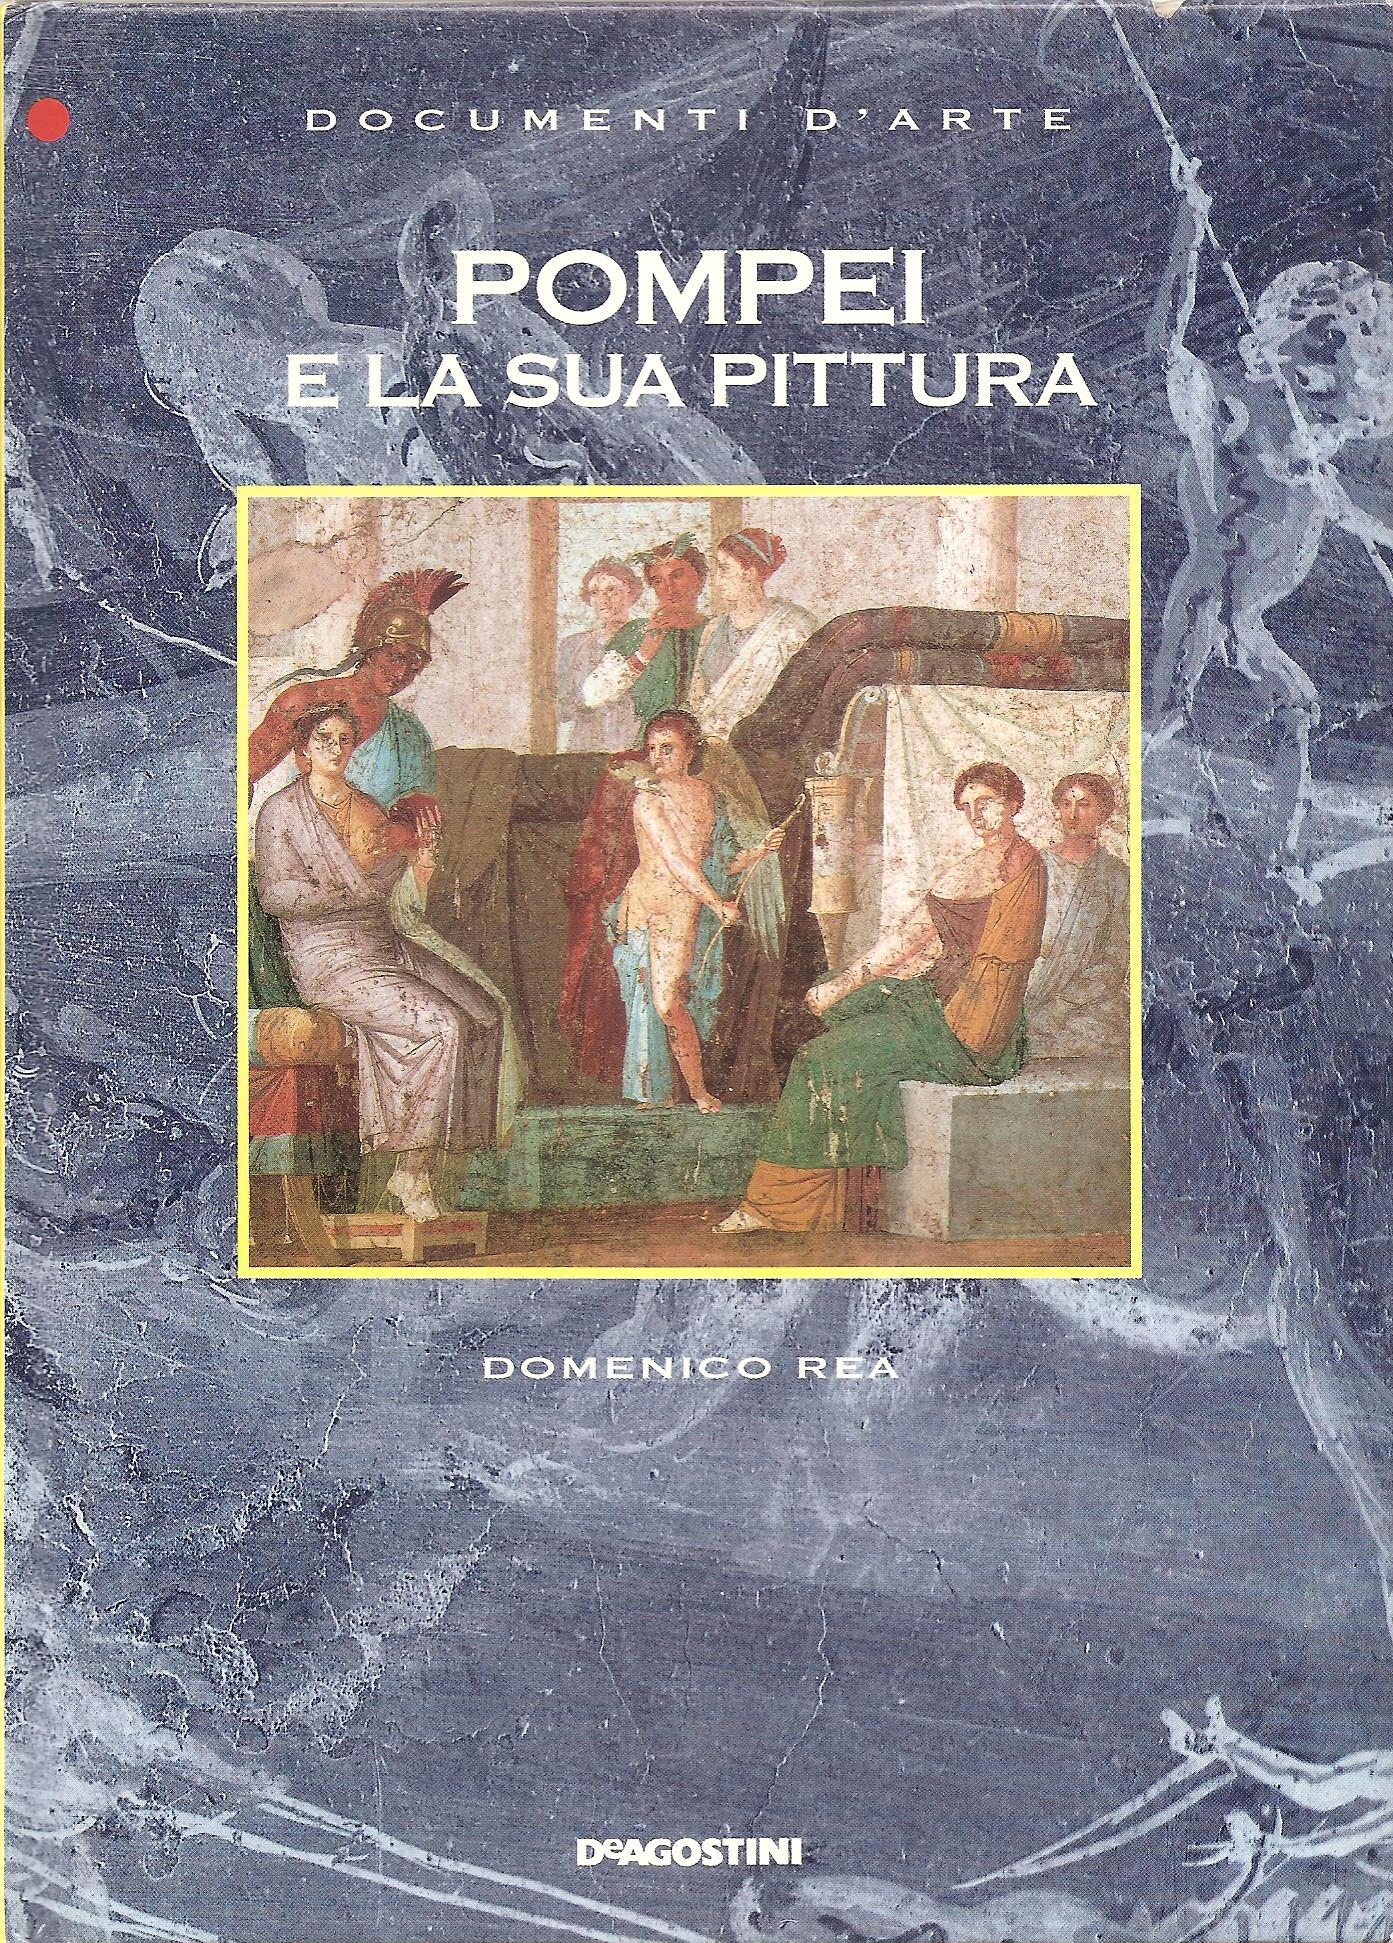 Pompei e la sua pittura